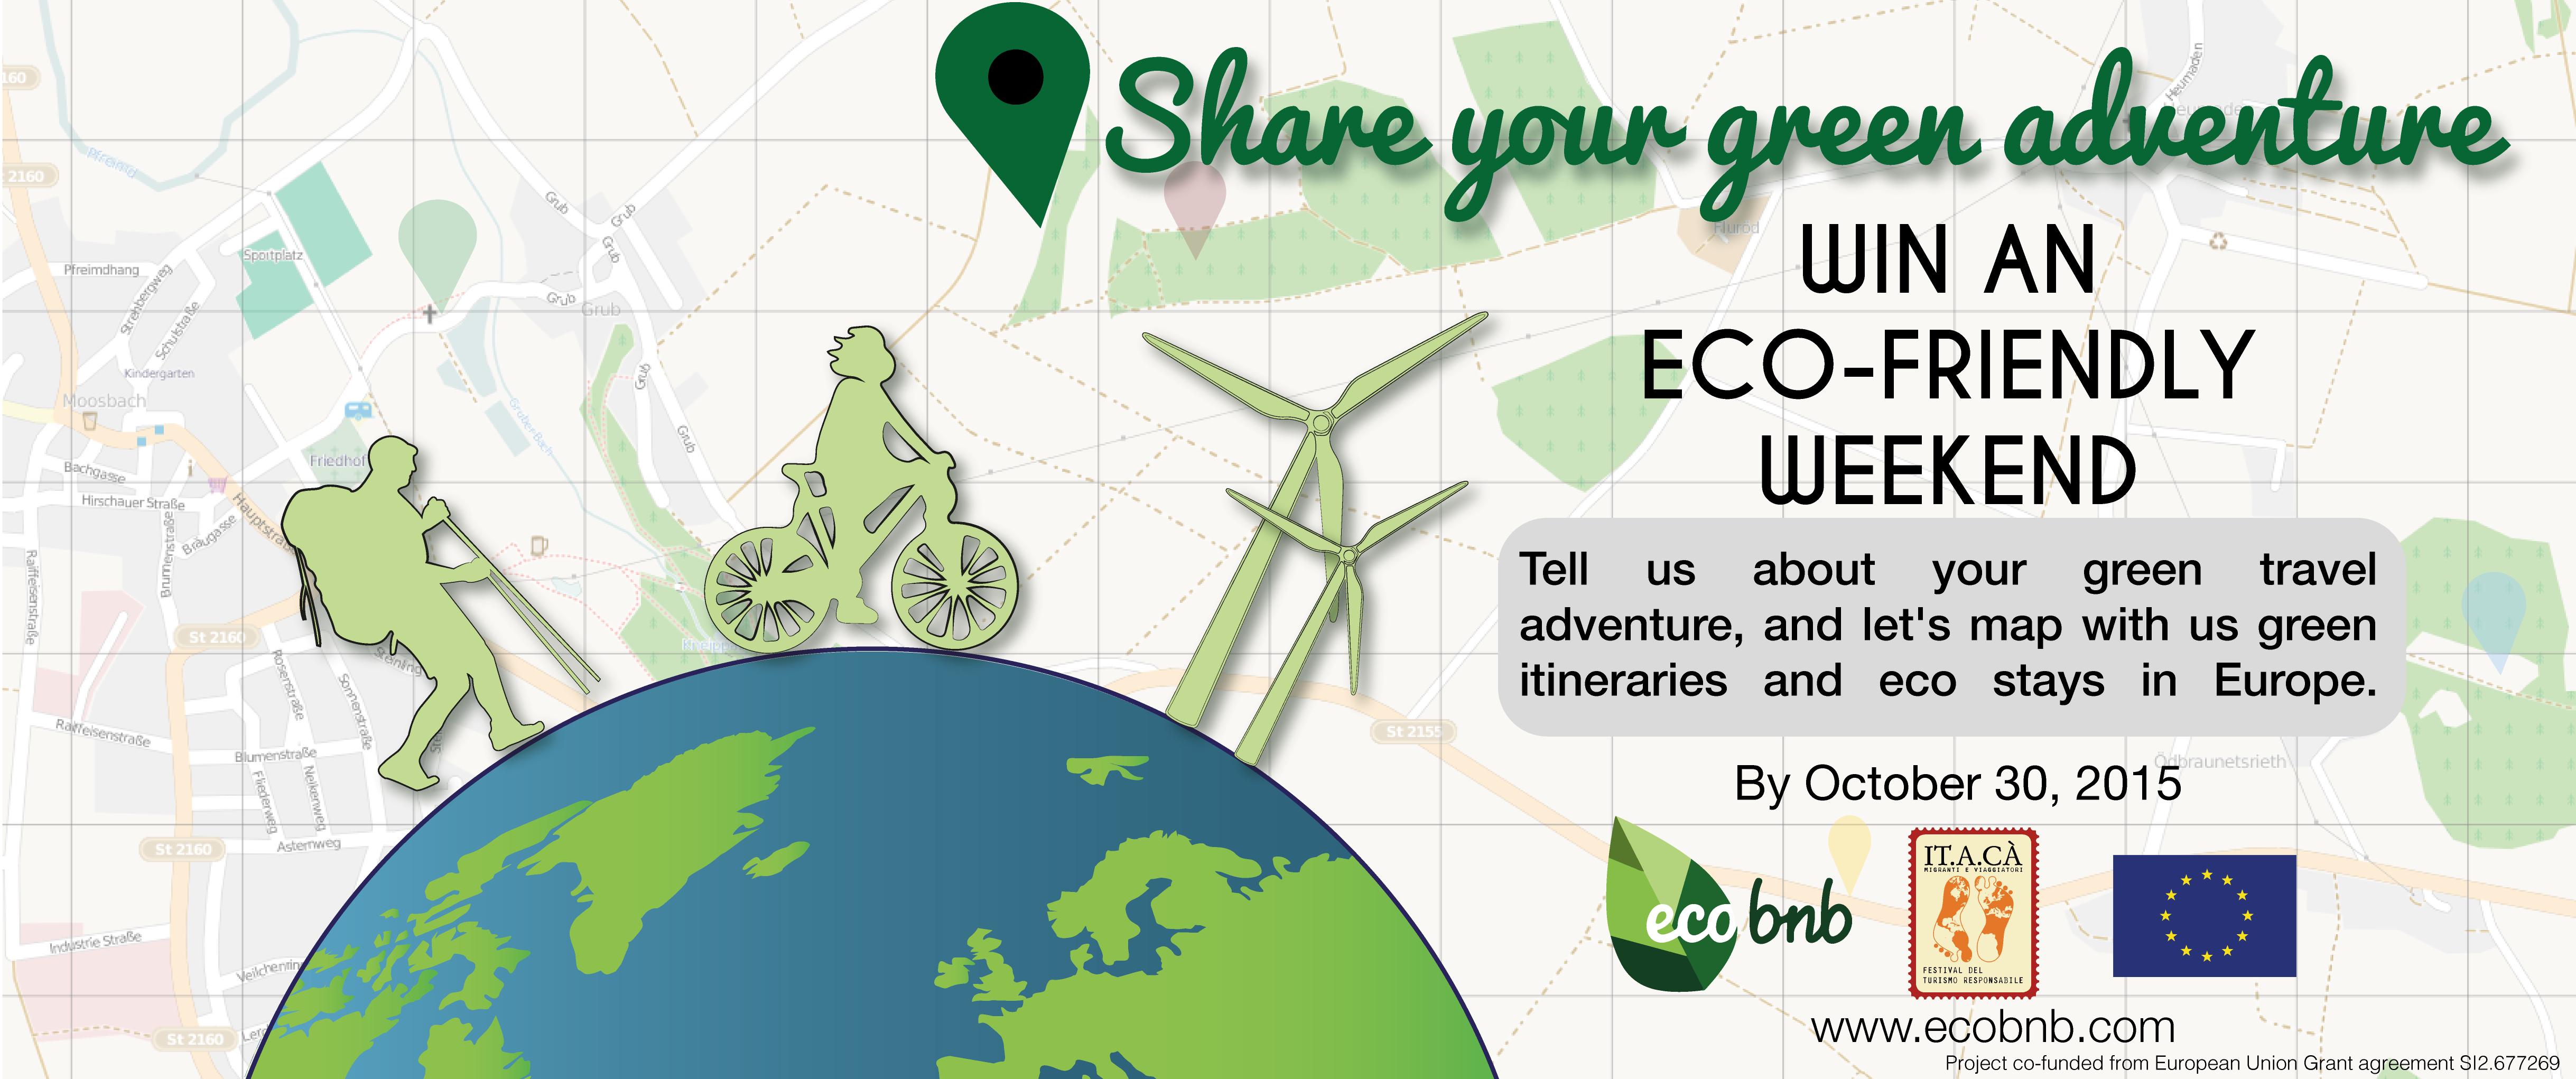 Delite svoje Green Adventure - Online Contest